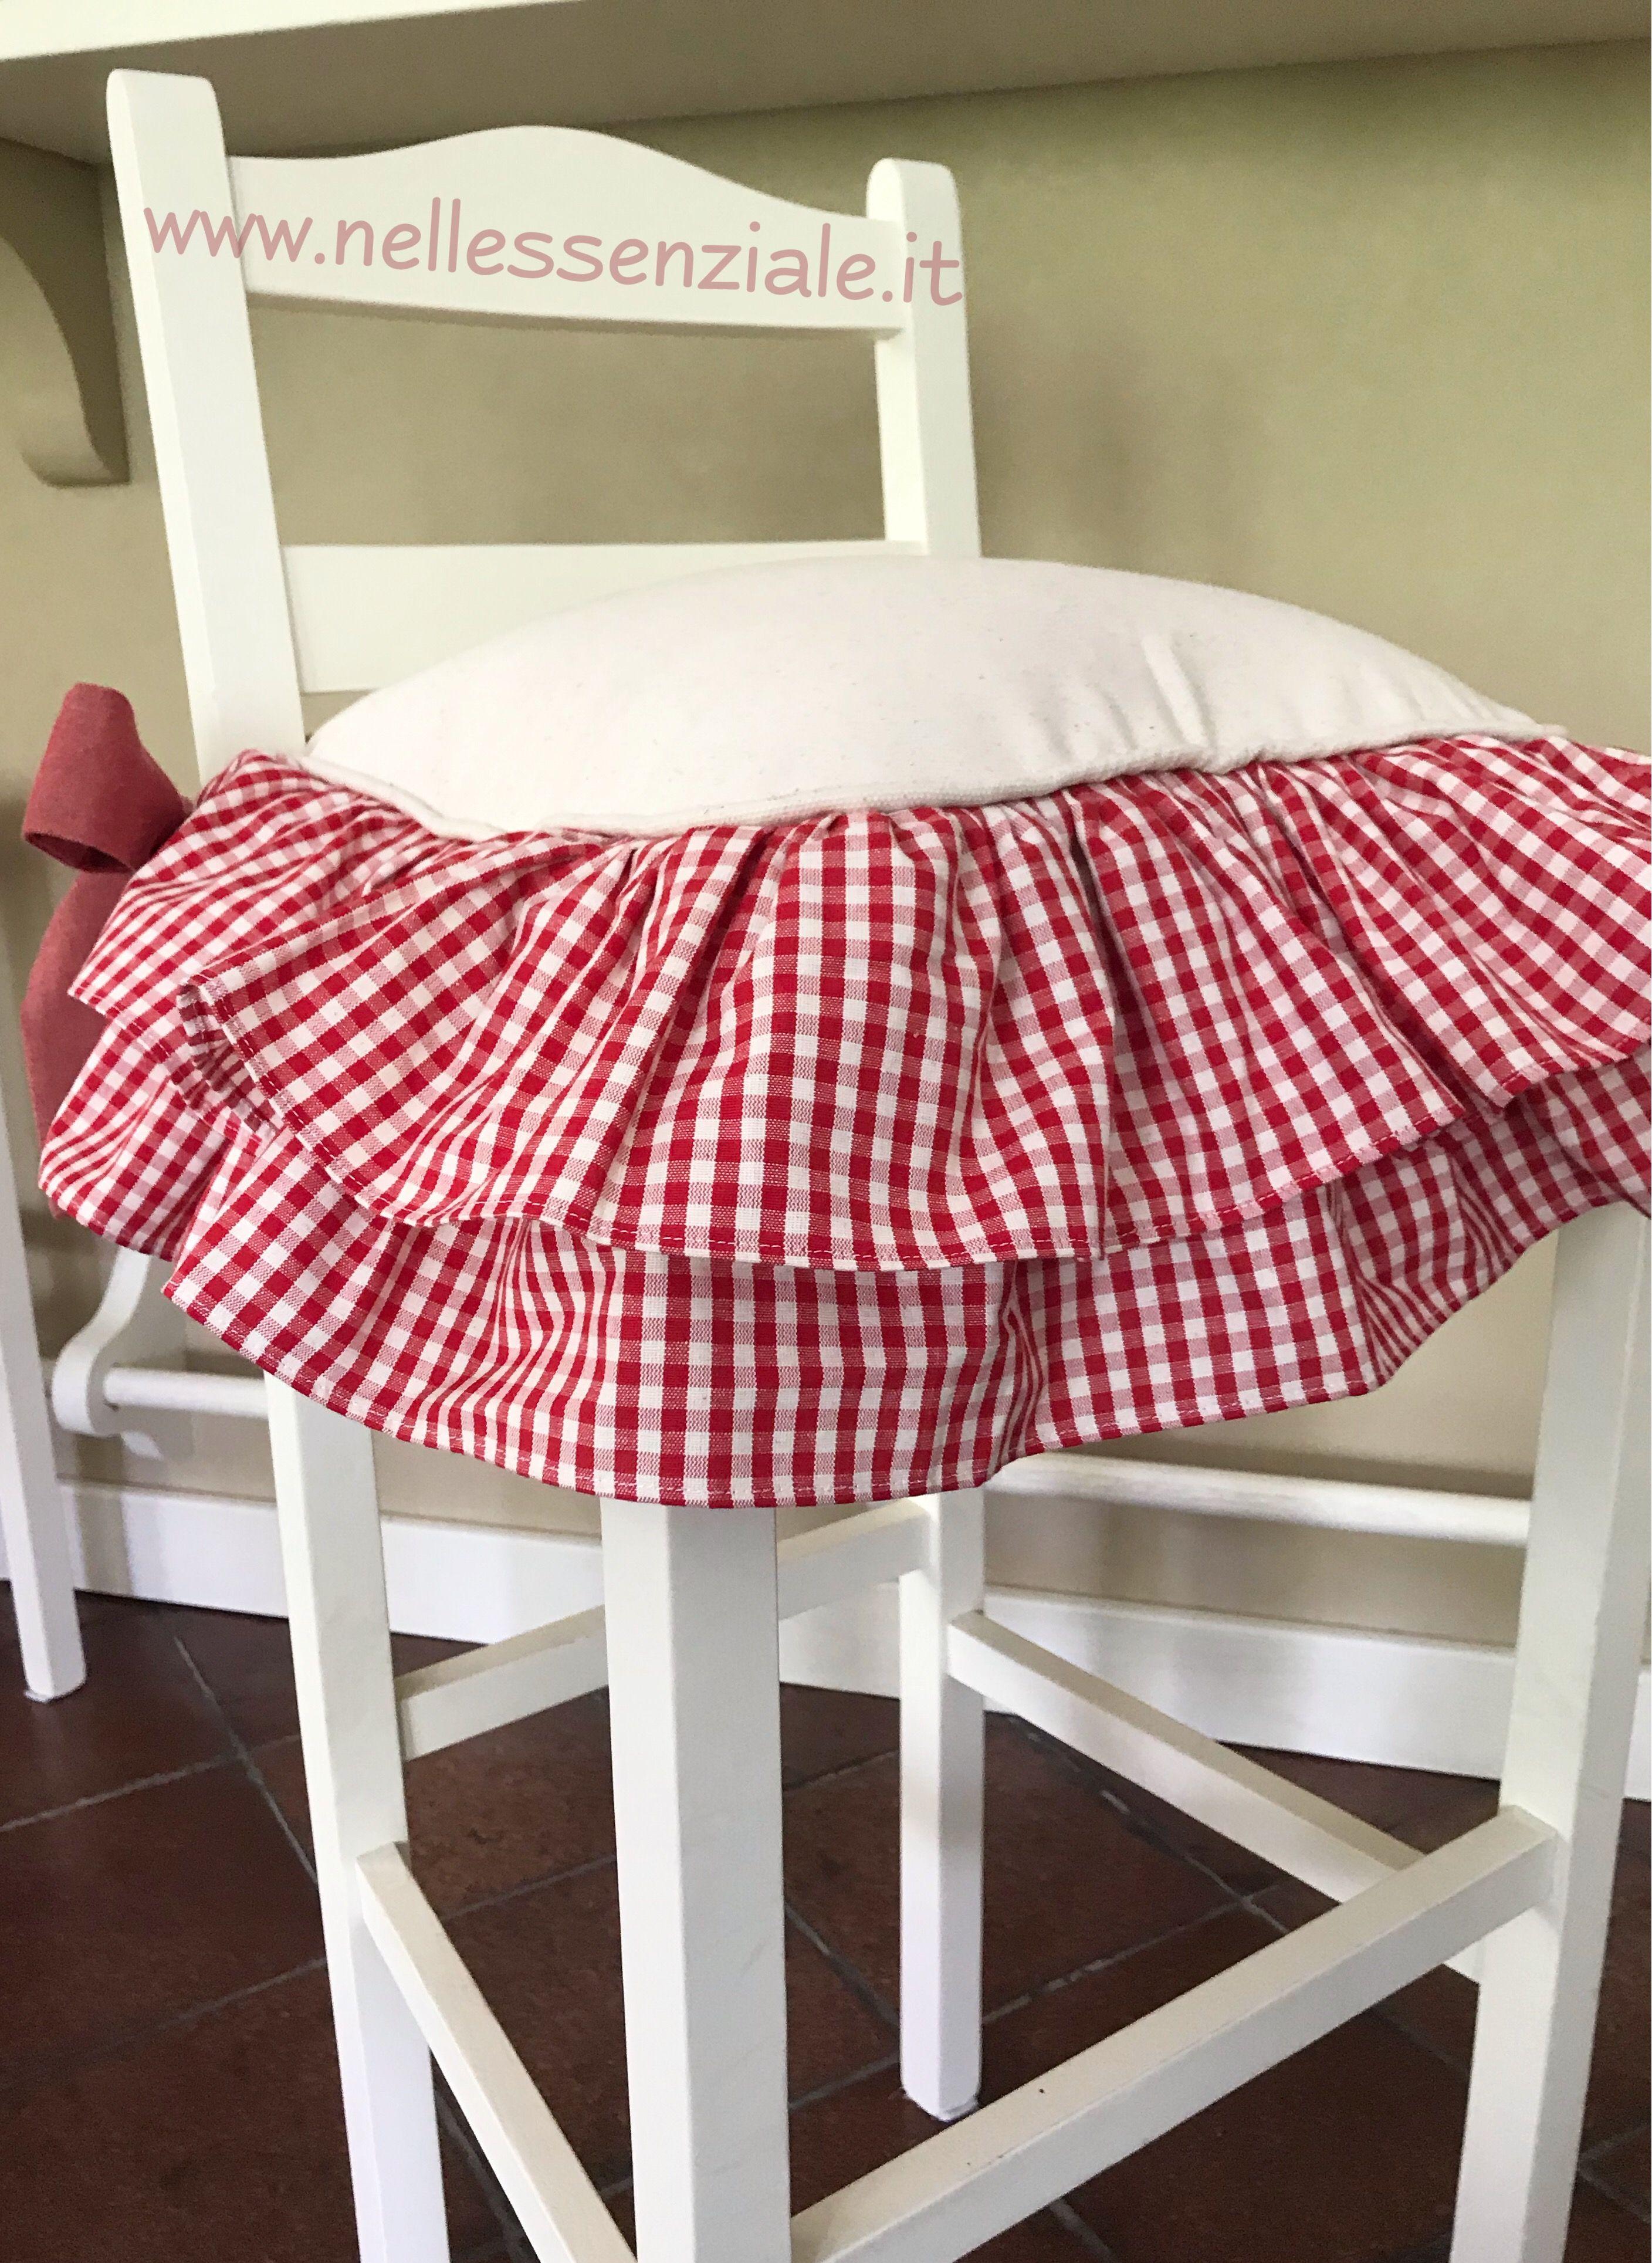 Cuscini sedie per cucina country in rosso | Cuscini per